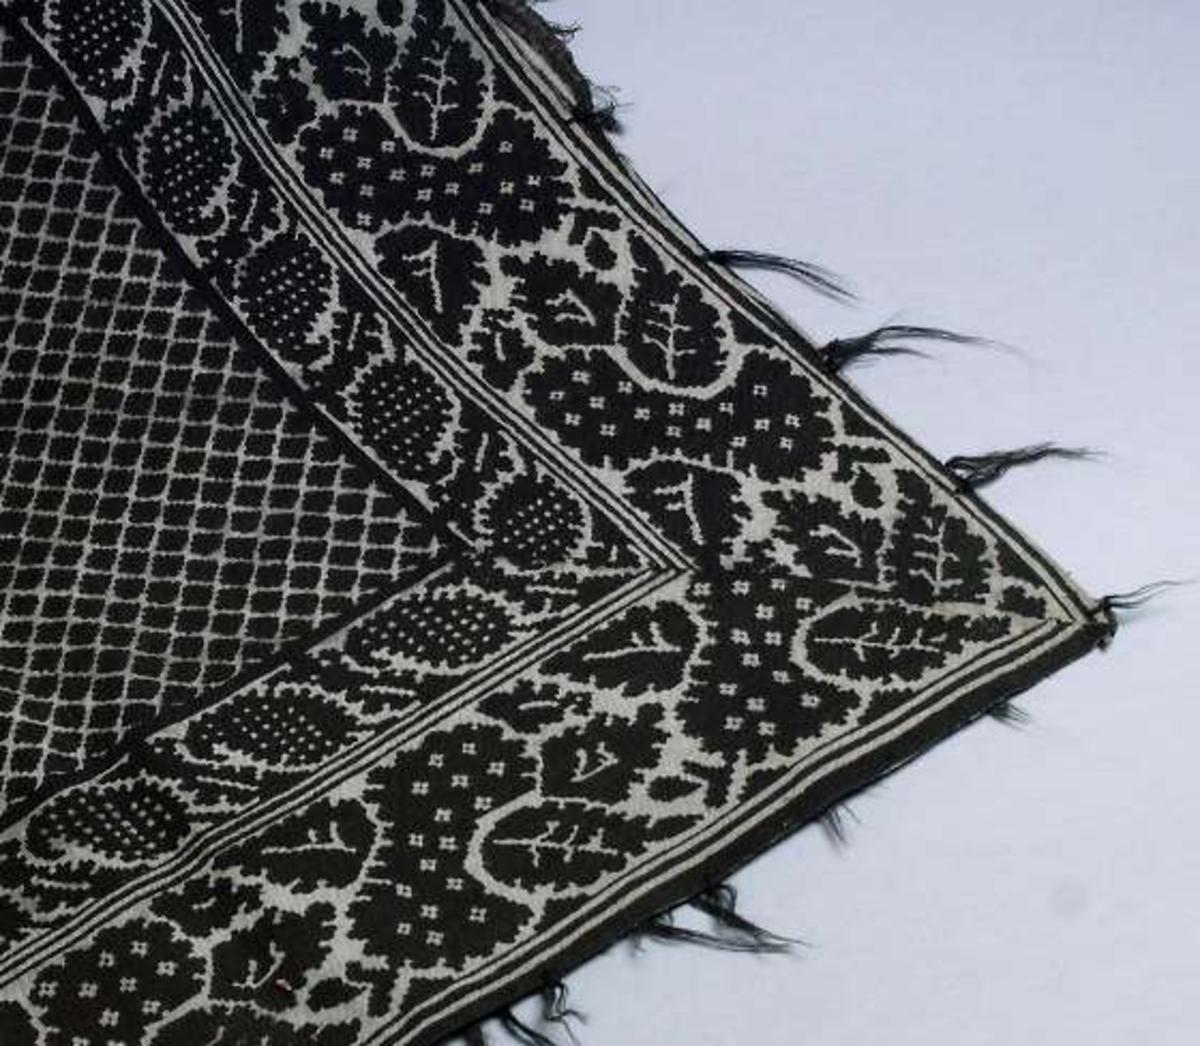 Kläde av kyprat bomullstyg. Vit bottenfärg med tryckt svart mönster. Iknutna fransar av svart ullgarn.